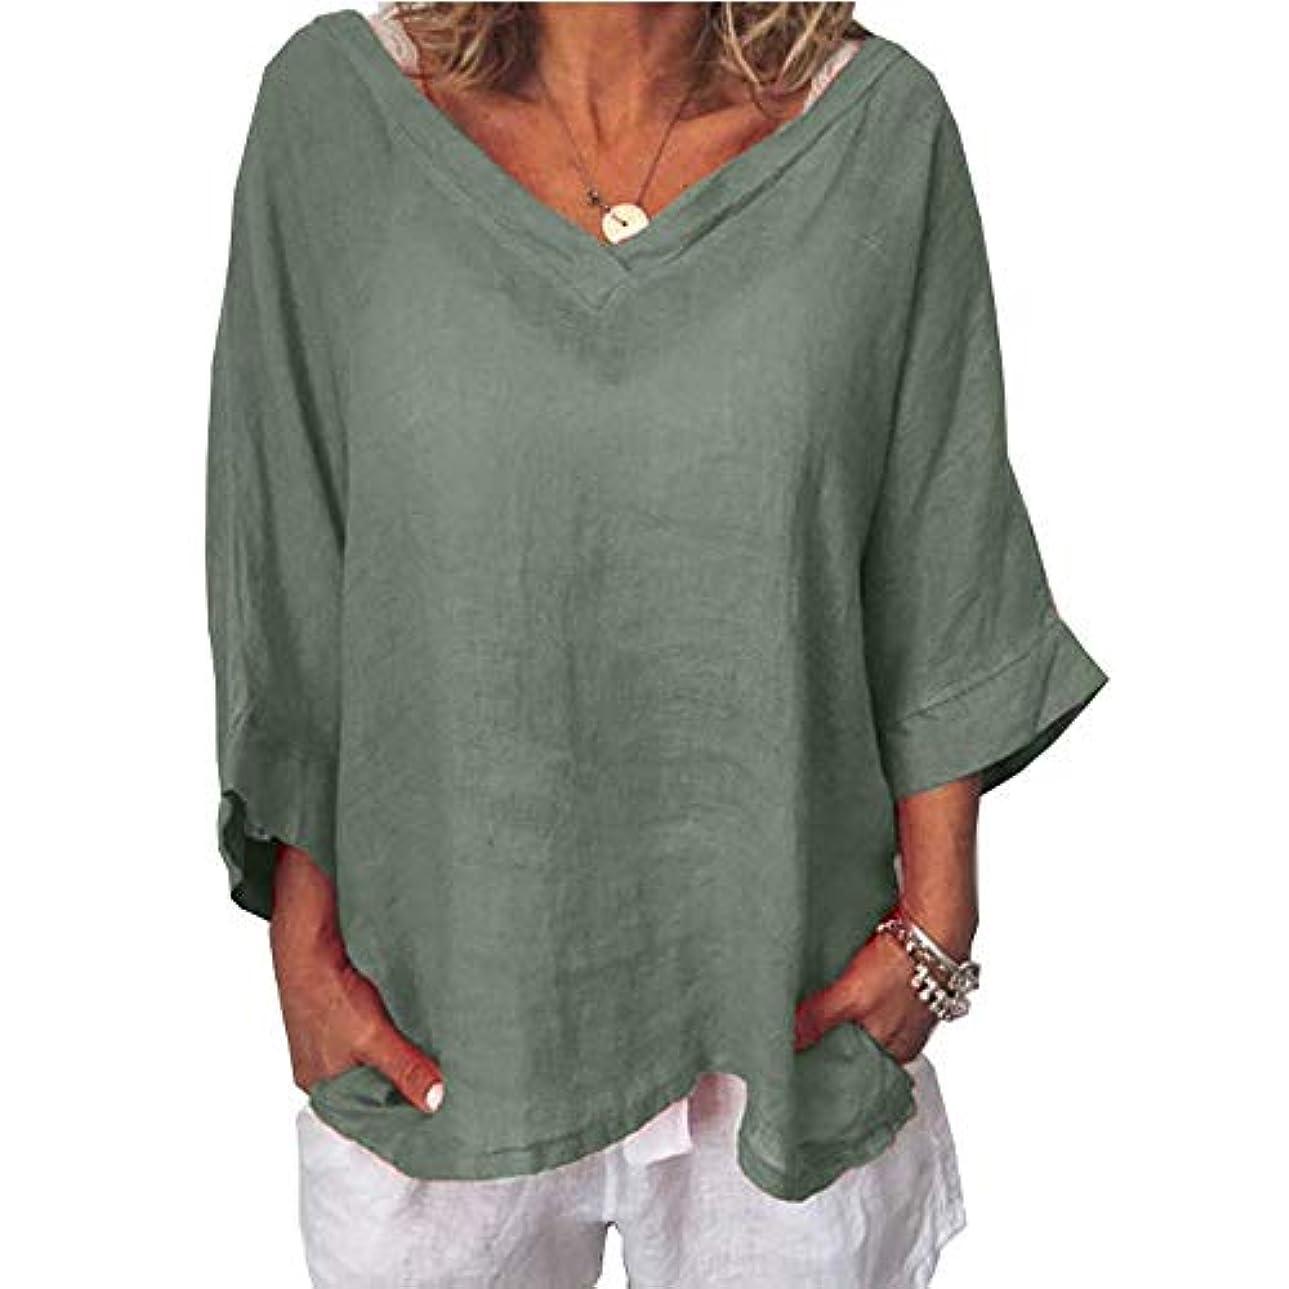 おとなしい複製する強制的MIFAN女性ファッションカジュアルVネックトップス無地長袖Tシャツルーズボヘミアンビーチウェア